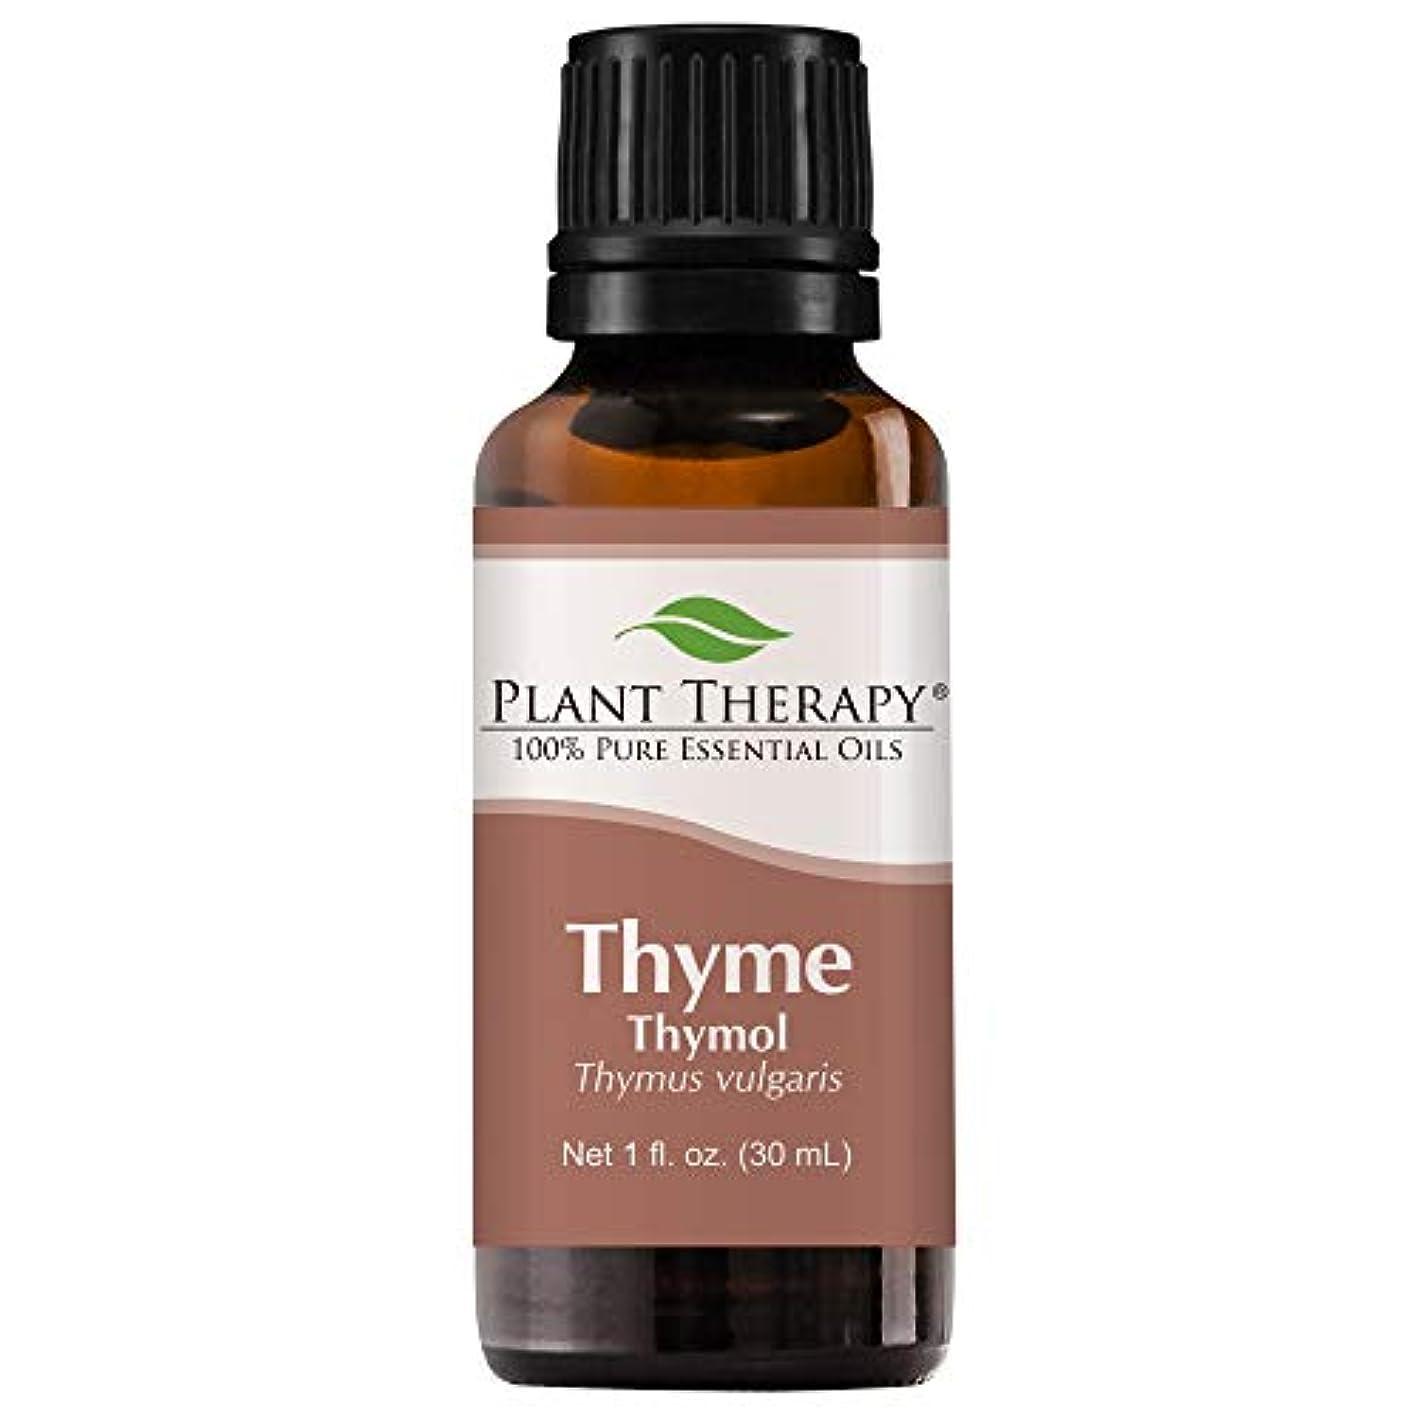 進捗続けるバルコニーPlant Therapy Thyme Thymol Essential Oil. 100% Pure, Undiluted, Therapeutic Grade. 30 ml (1 oz). by Plant Therapy...